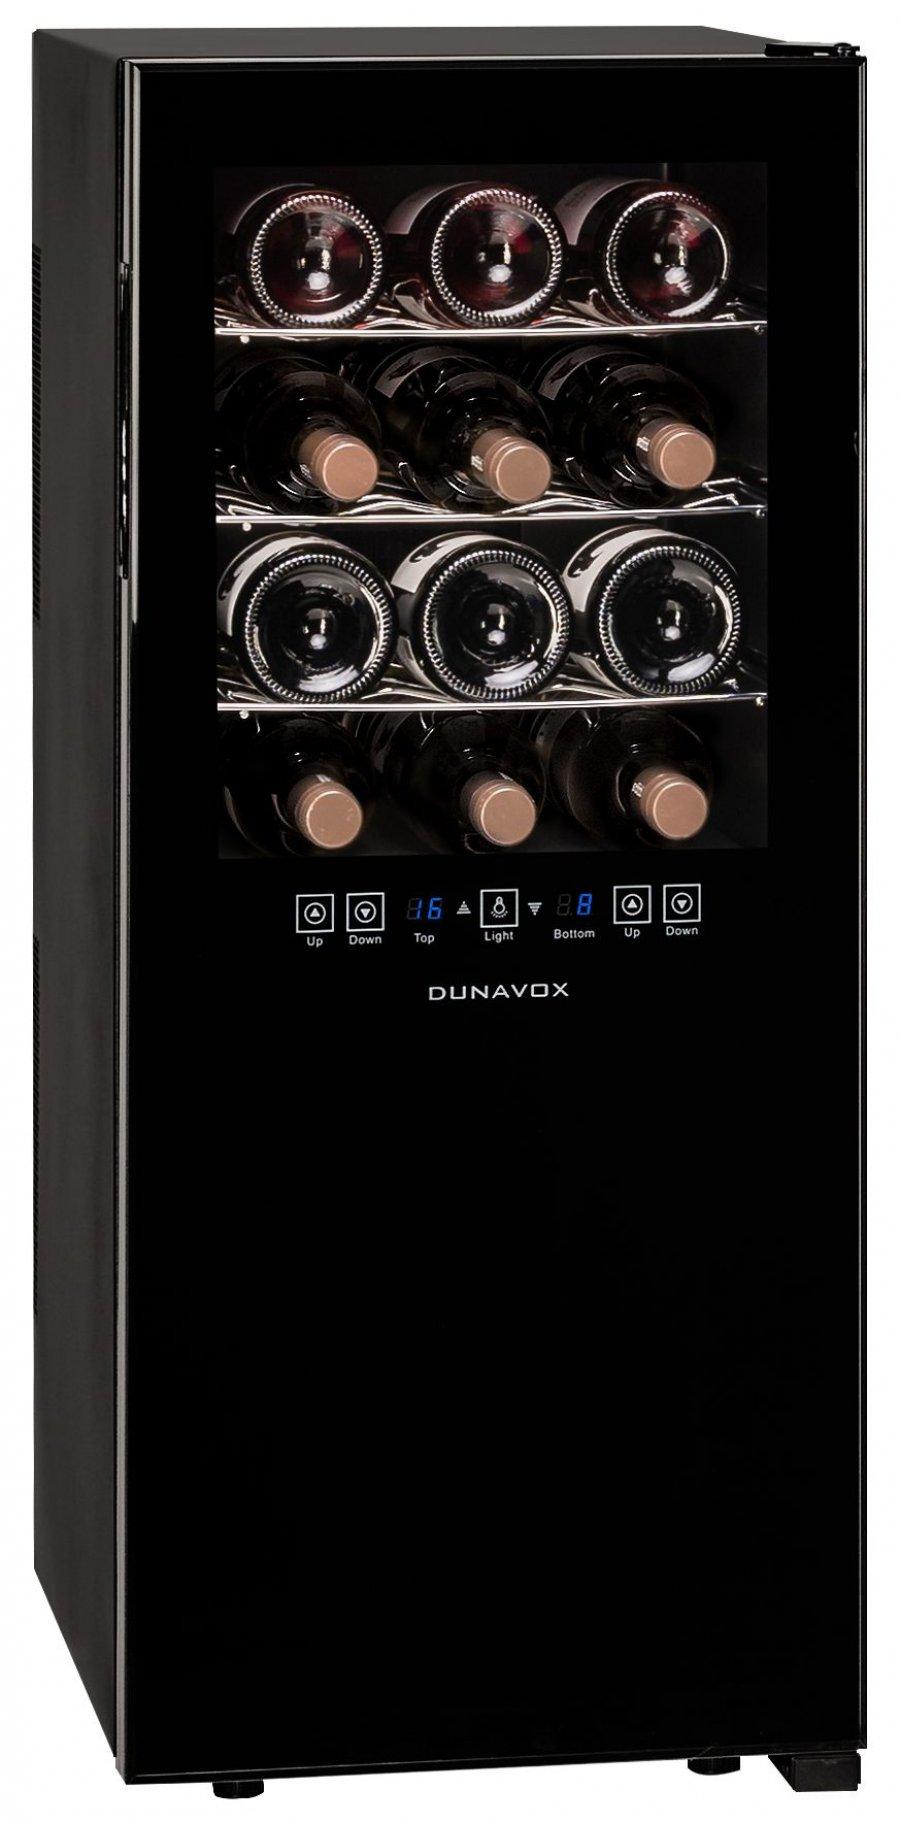 Винный шкаф Dunavox DX-24.68DSC - 4